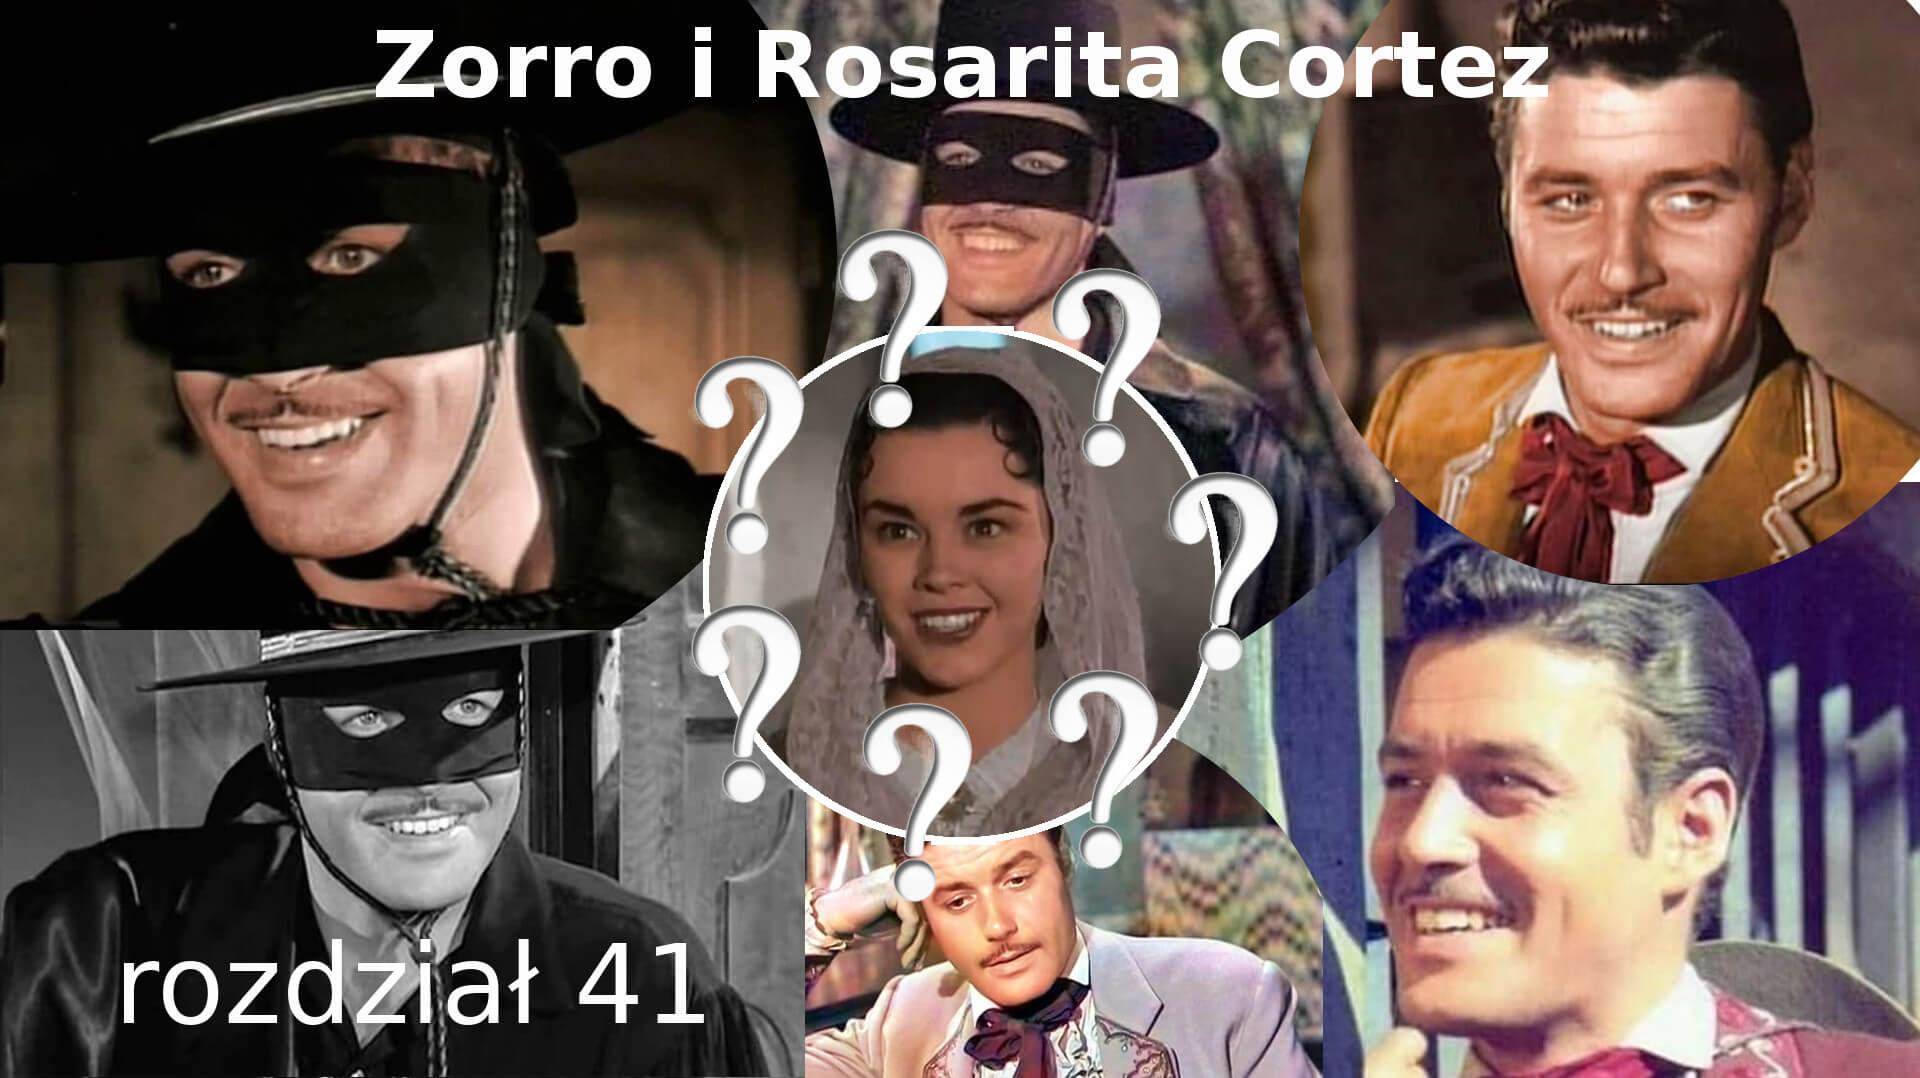 Zorro i Rosarita Cortez rozdział 41 Walt Disney Zorro fanfiction